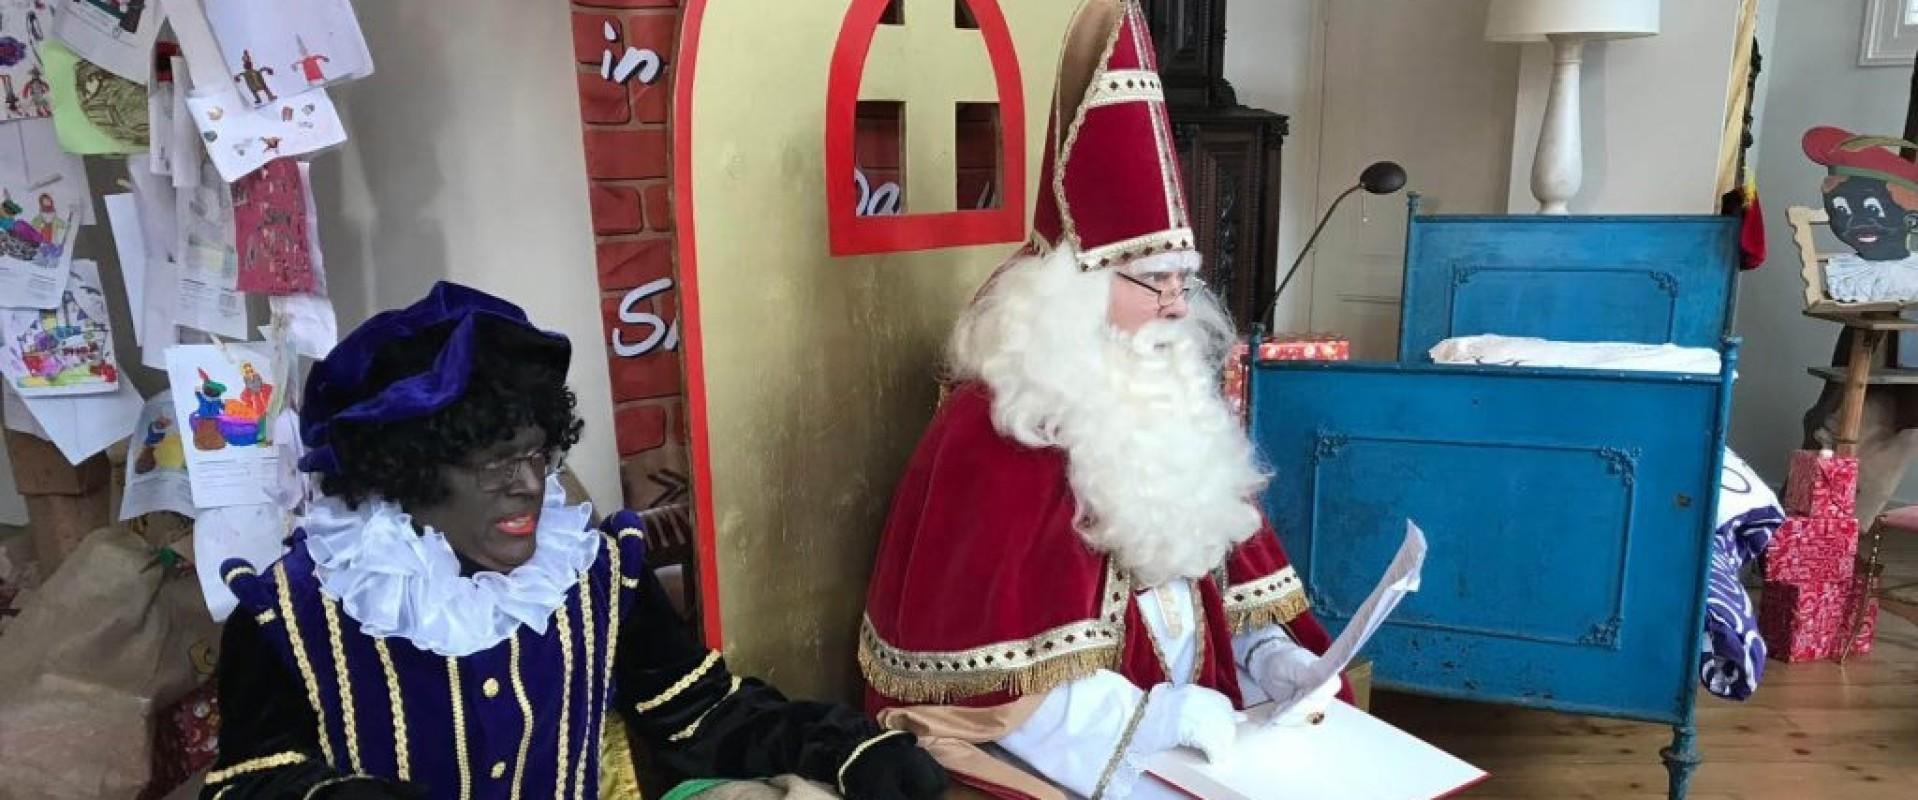 Sinterklaas-flow